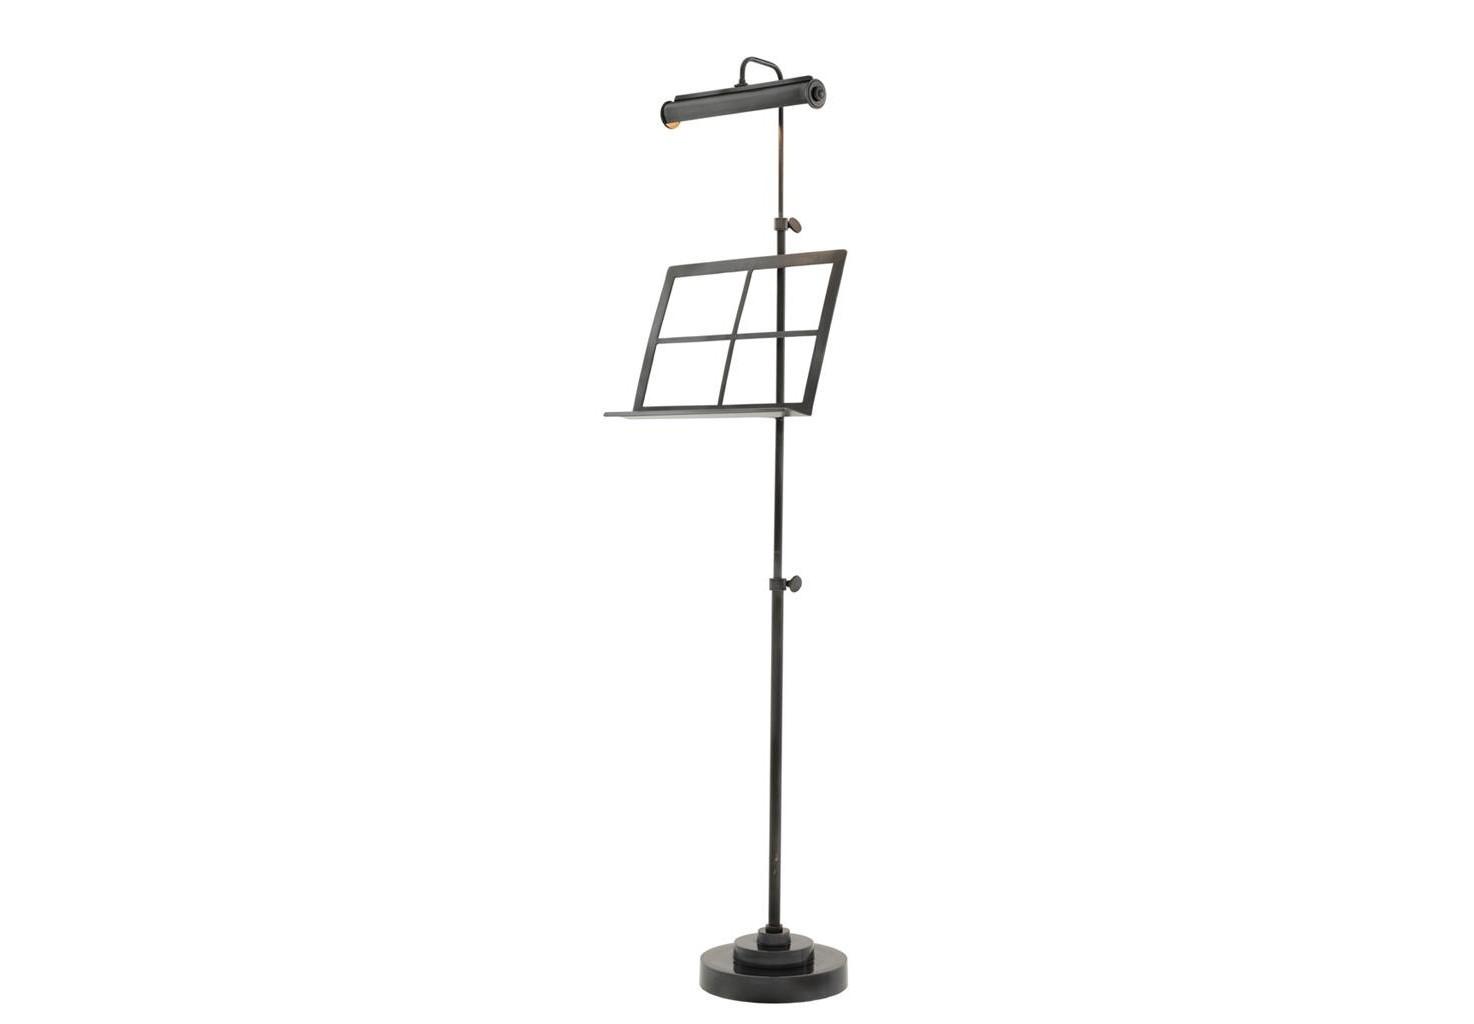 Настольная лампаДекоративные лампы<br>Лампа для рабочего стола c подставкой для книг Book Stand Higgins с регулируемой лампой. Выполнена из металла бронзового цвета. Высота регулируется от 199 см до 167 см.&amp;lt;div&amp;gt;&amp;lt;br&amp;gt;&amp;lt;/div&amp;gt;&amp;lt;div&amp;gt;&amp;lt;div&amp;gt;Тип цоколя: E14&amp;lt;/div&amp;gt;&amp;lt;div&amp;gt;Мощность: 40W&amp;lt;/div&amp;gt;&amp;lt;div&amp;gt;Кол-во ламп: 2 (нет в комплекте)&amp;lt;/div&amp;gt;&amp;lt;/div&amp;gt;<br><br>Material: Металл<br>Width см: 26,5<br>Depth см: 25,5<br>Height см: 176